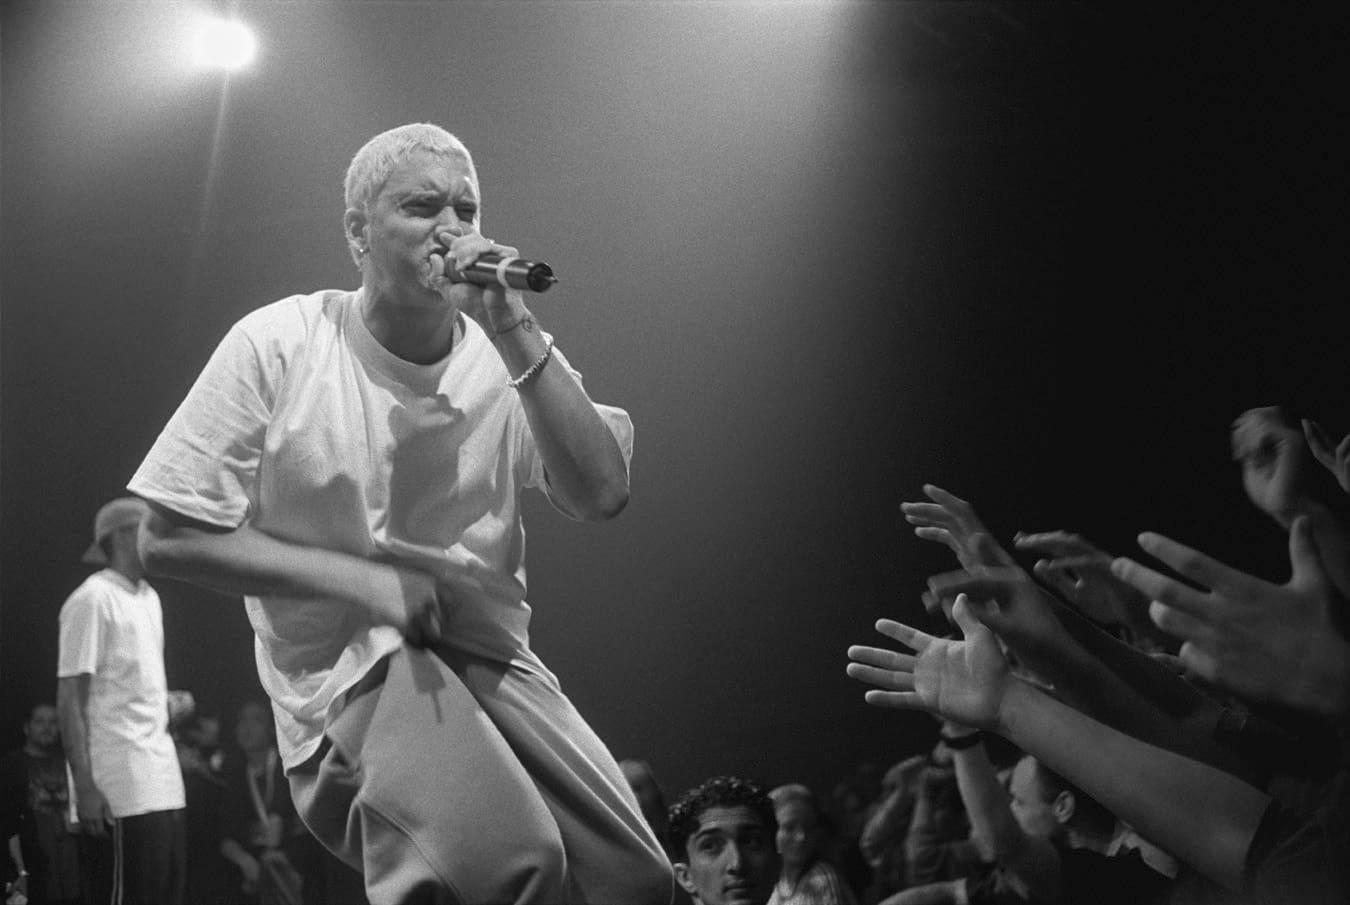 Musique rap américain concert Rap God Eminem